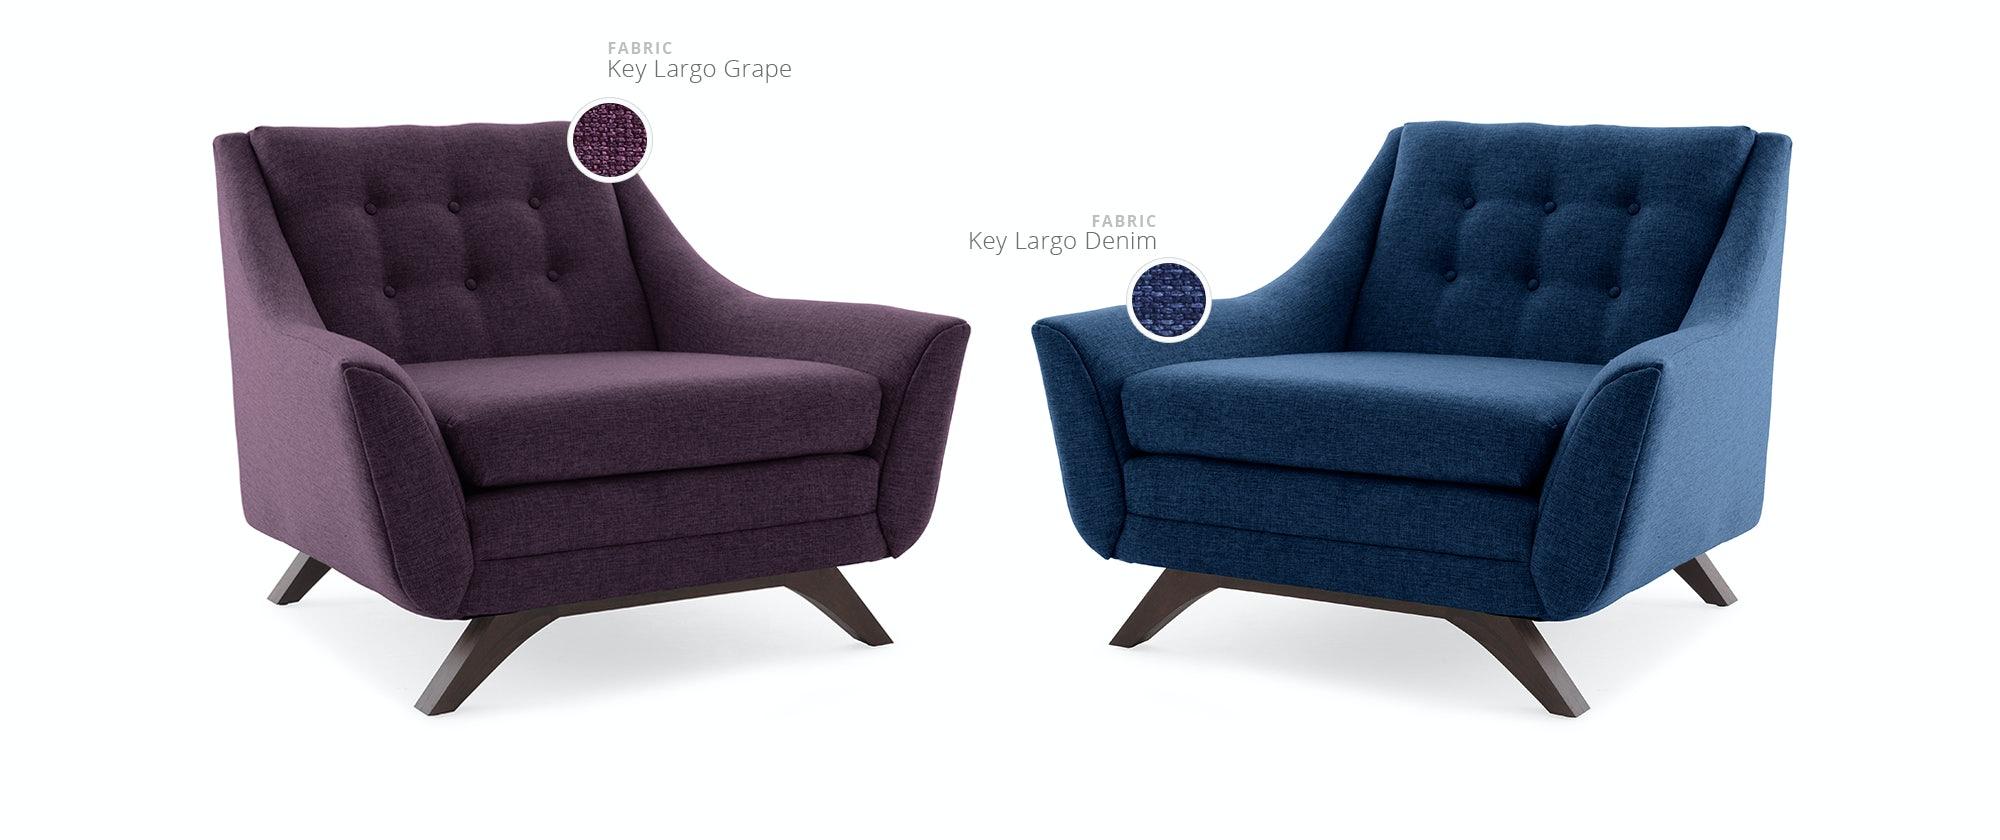 Swell Aubrey Chair Creativecarmelina Interior Chair Design Creativecarmelinacom